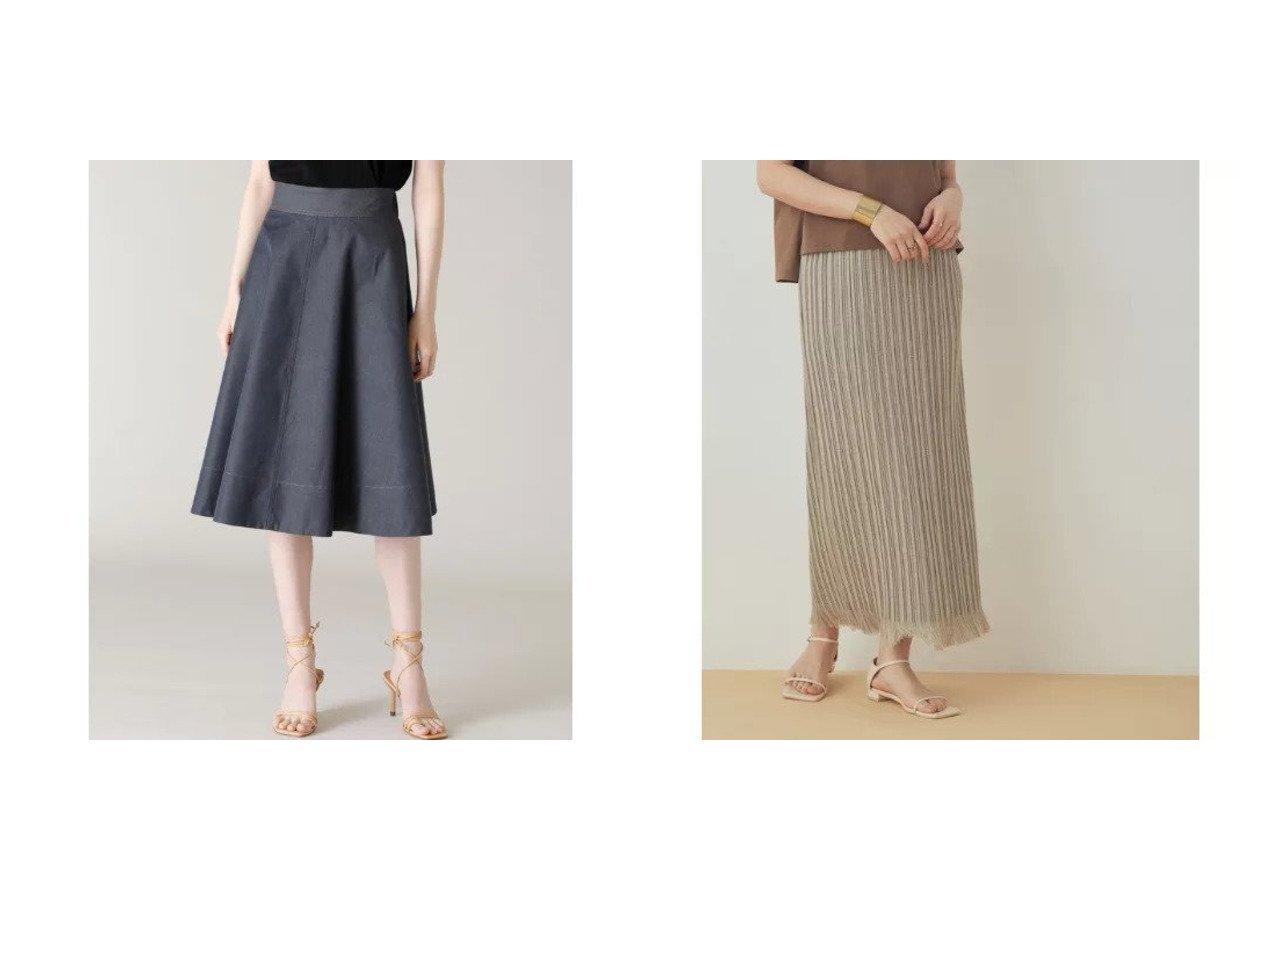 【ADAM ET ROPE'/アダム エ ロペ】の【セットアップ対応】ダブルリネンライクプリーツスカート&【ef-de/エフデ】の《Maglie par ef-de》デニムフレアスカート 【スカート】おすすめ!人気、トレンド・レディースファッションの通販 おすすめで人気の流行・トレンド、ファッションの通販商品 メンズファッション・キッズファッション・インテリア・家具・レディースファッション・服の通販 founy(ファニー) https://founy.com/ ファッション Fashion レディースファッション WOMEN スカート Skirt Aライン/フレアスカート Flared A-Line Skirts セットアップ Setup スカート Skirt プリーツスカート Pleated Skirts おすすめ Recommend スーピマ デニム フレア ポケット 人気 イエロー 春 Spring カットソー セットアップ ダブル フリンジ プリーツ ペチコート 別注 マキシ リラックス ロング 2021年 2021 S/S・春夏 SS・Spring/Summer 2021春夏・S/S SS/Spring/Summer/2021 |ID:crp329100000035443